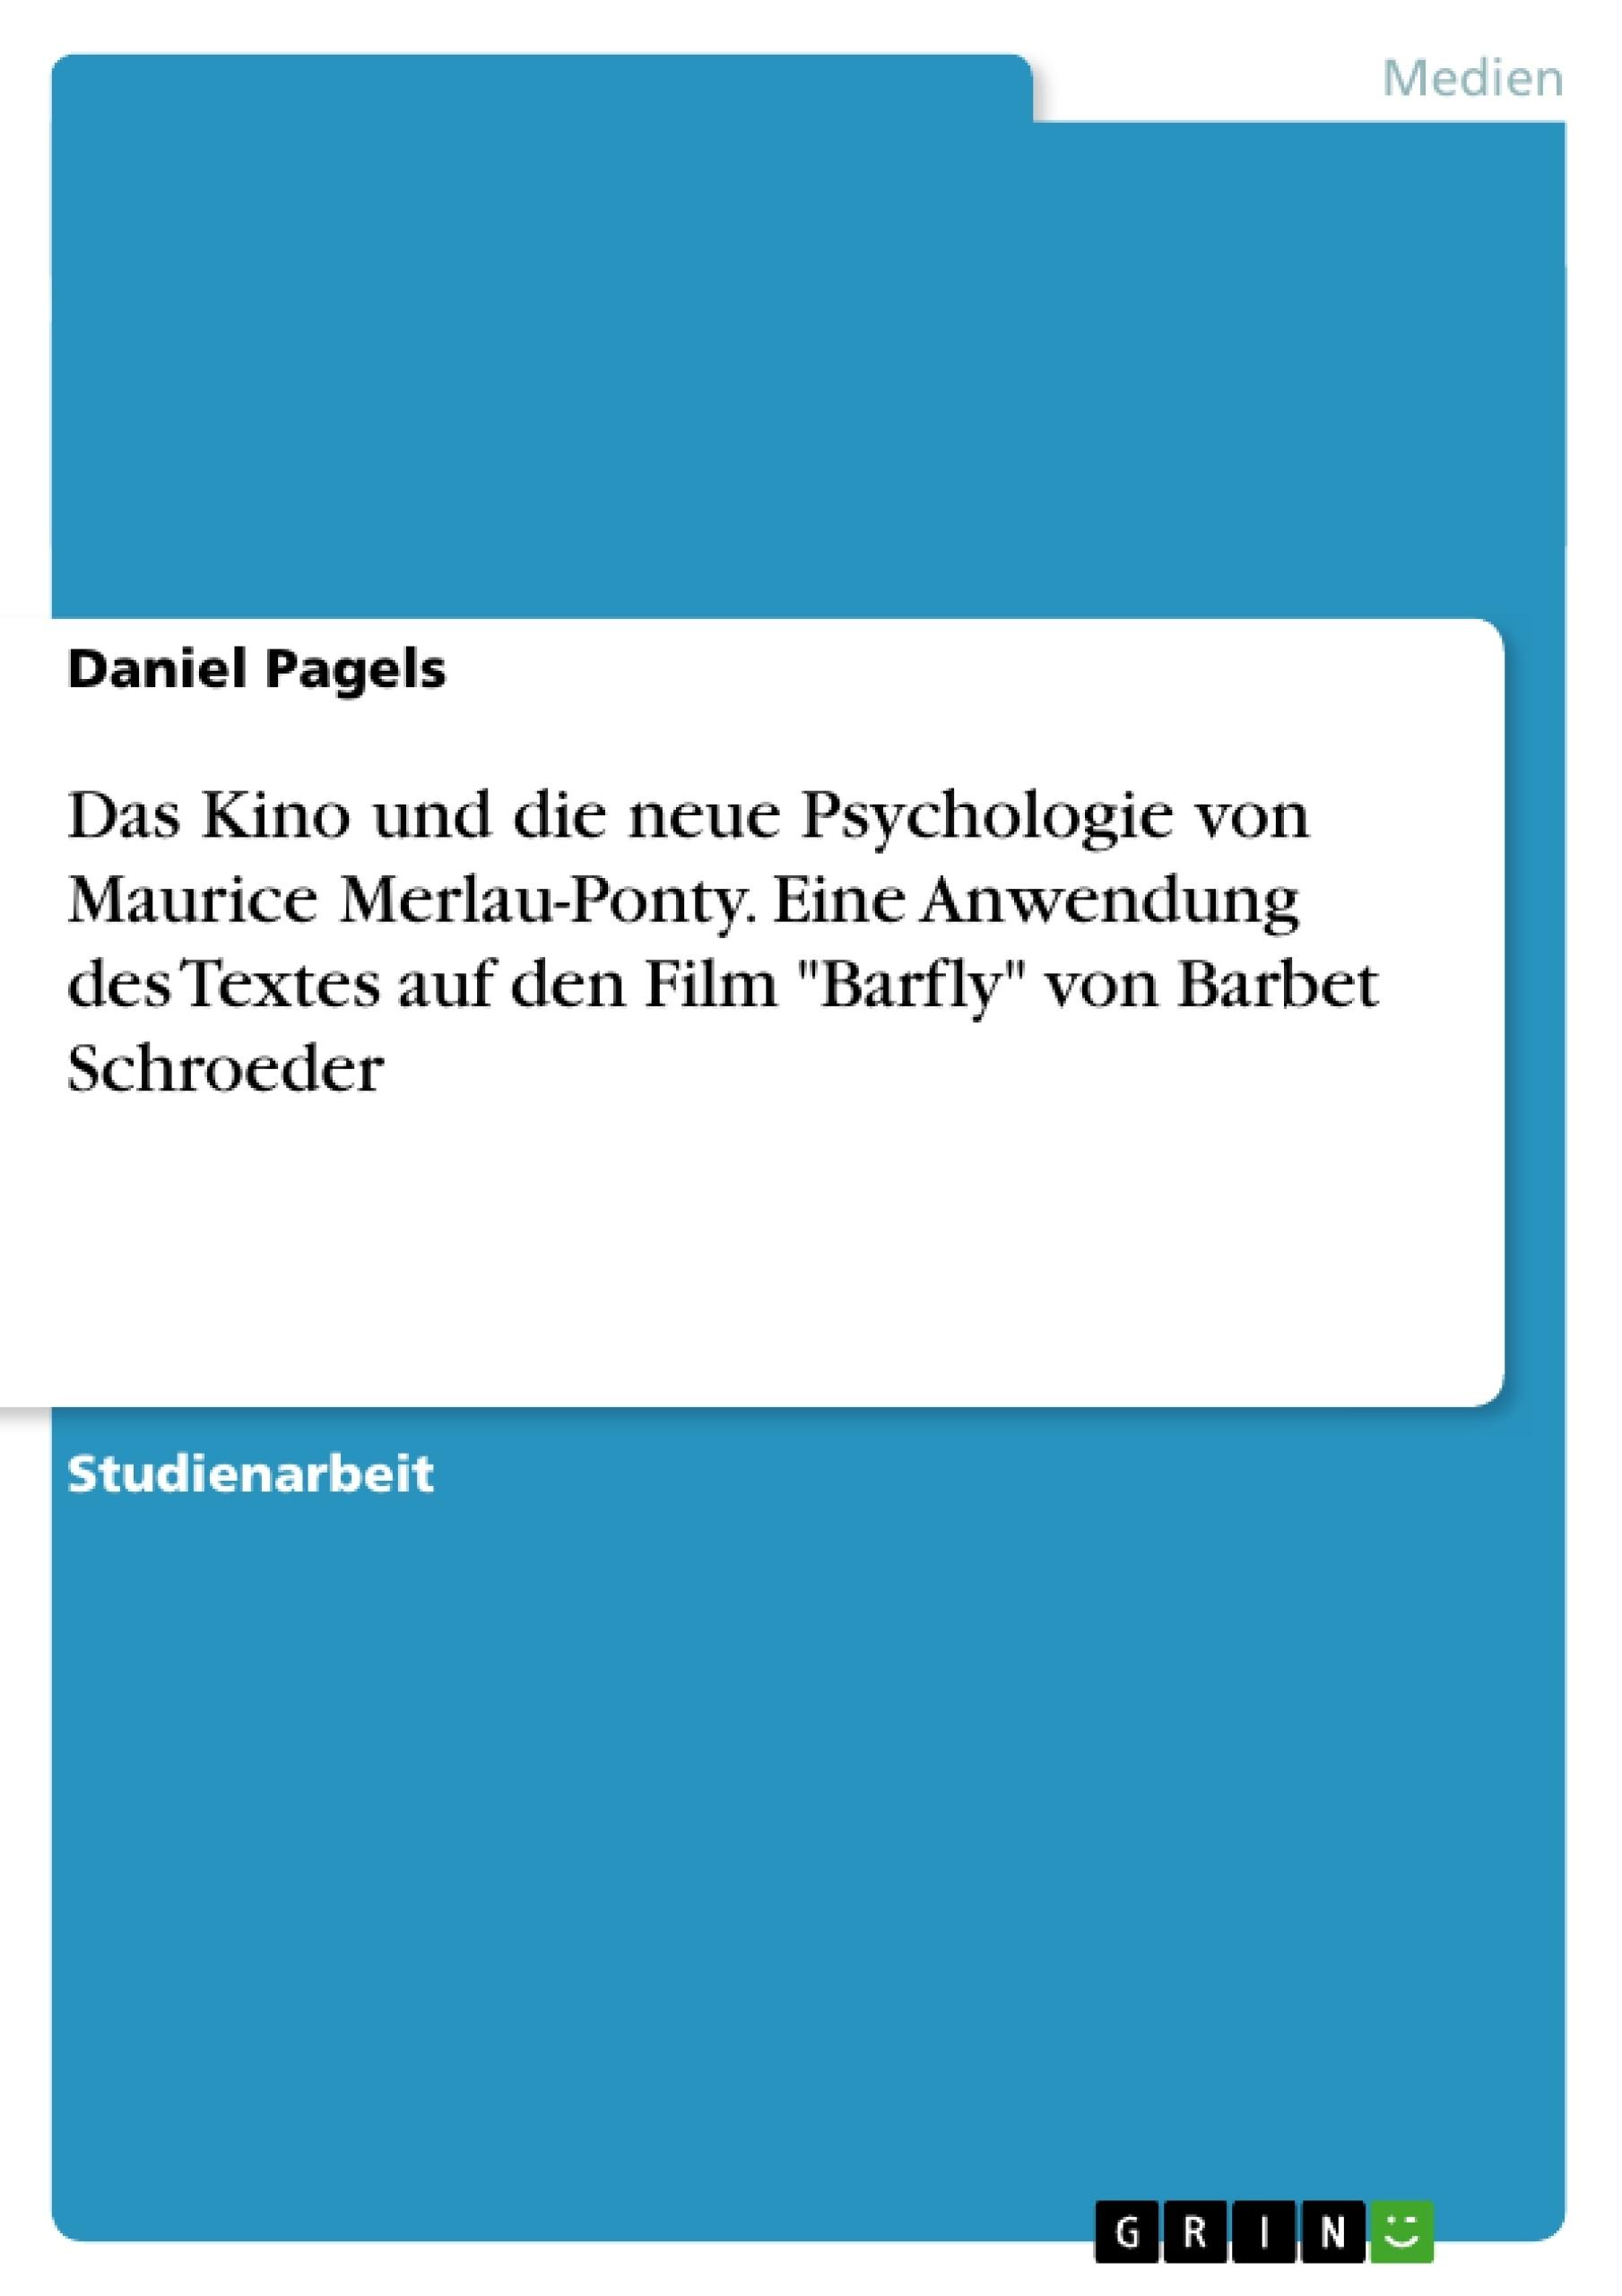 """Titel: Das Kino und die neue Psychologie von Maurice Merlau-Ponty. Eine Anwendung des Textes auf den Film """"Barfly"""" von Barbet Schroeder"""